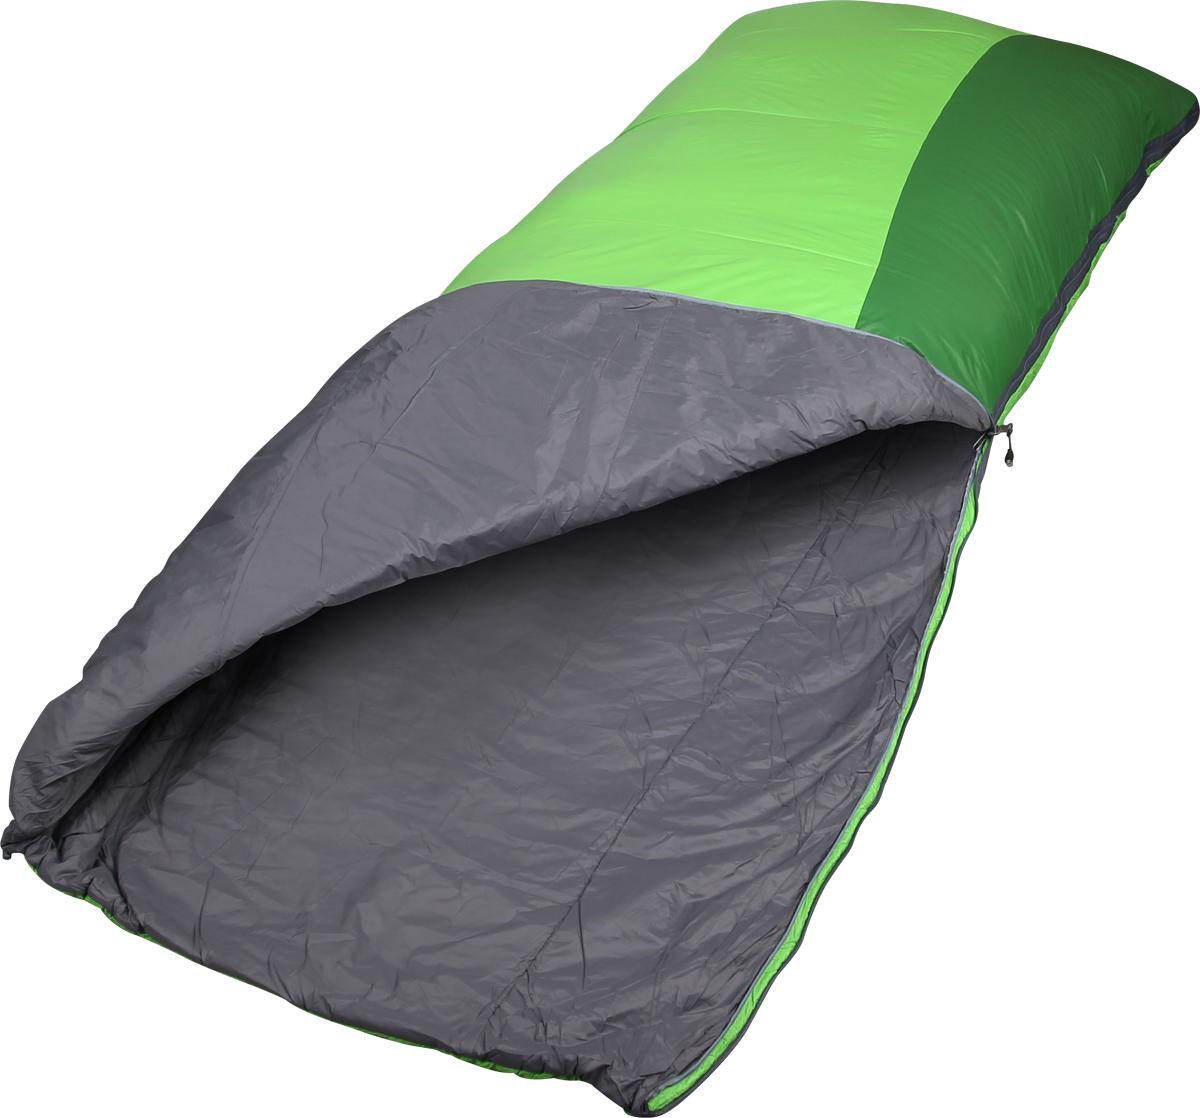 Спальный мешок-одеяло Сплав Veil 120, правосторонняя молния, цвет: зеленый, 195 x 80 см4506651Классический спальный мешок Сплав Veil 120.Тип конструкции: одеяло.Молния разъемная.Спальный мешок можно полностью расстегнуть и использовать в качестве одеяла.Горловина спального мешка утягивается эластичным шнуром с фиксатором.Компрессионный мешок в комплекте.Внимание! Длительное хранение в сжатом виде не рекомендуется. Упаковку в компрессионный мешок следует производить произвольно сминая спальный мешок, а не аккуратно скатывая, т.к. при этом минимально деформируется утеплитель.Материалы:Внешняя ткань: Nylon 6.6 R/S 20D Down Proof Hight Density Teflon DWR Cire.Вес ткани: 32 г/м2.Дышимость ткани: 0,8 см3/см2/с.Внутренняя ткань: Nylon 20D/370T Down Proof W/R Cire.Утеплитель: Primaloft Silver.Плотность утеплителя : 2 х 60 г/м2 .Температурный режим:Комфорт: +10… +2° С.Экстрим: -12° С.Габариты и вес:Размеры: 195 х 80 см.Полный вес: 0,89 кг.Минимальный вес: 0,81 кг.Размеры в упакованном виде: диаметр 20 х 40/20 см.